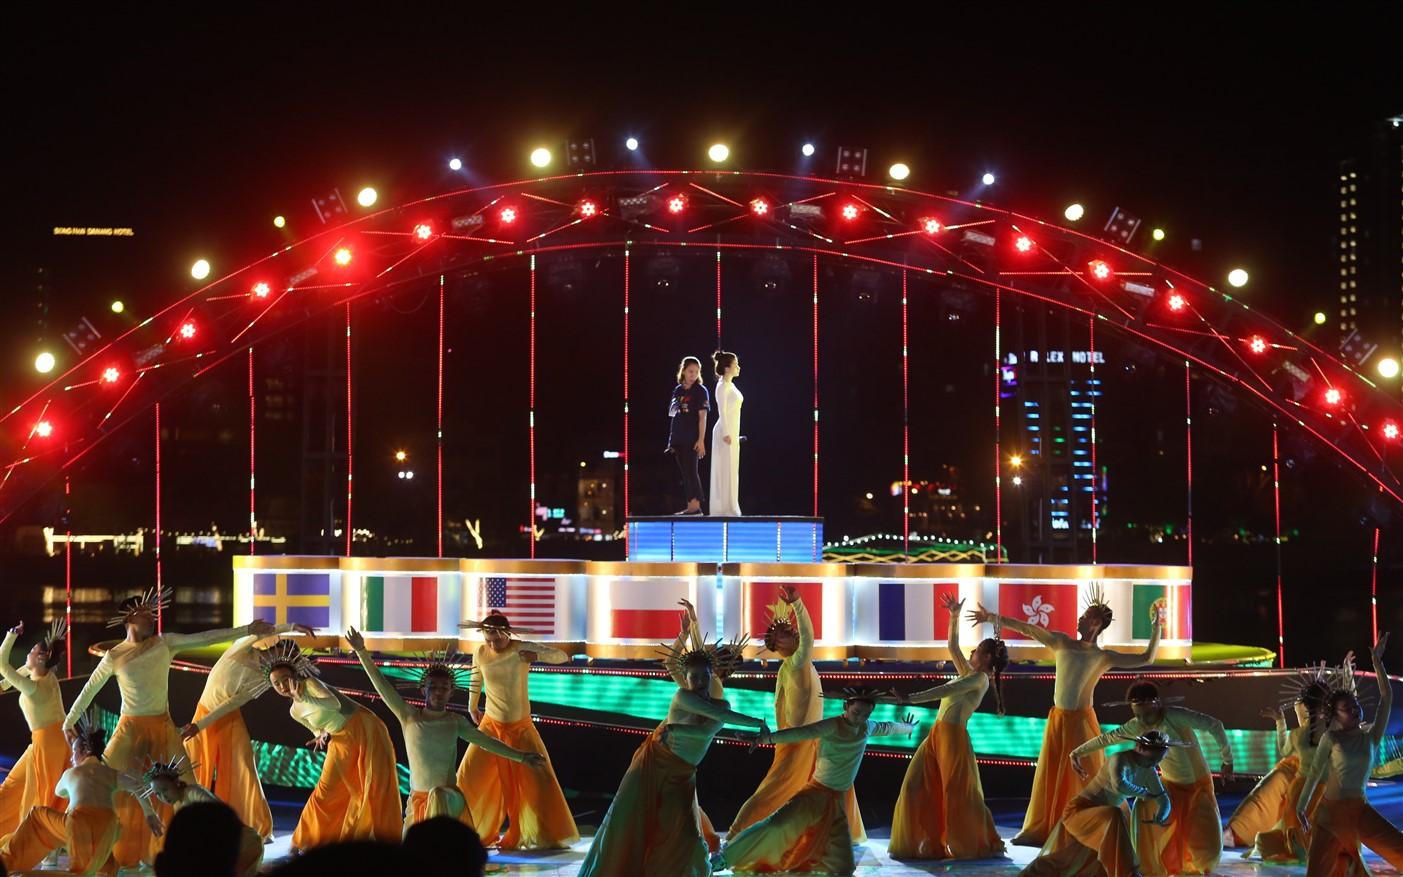 Lễ hội pháo hoa Quốc tế Đà Nẵng 2018 đã sẵn sàng cho đêm khai mạc 1